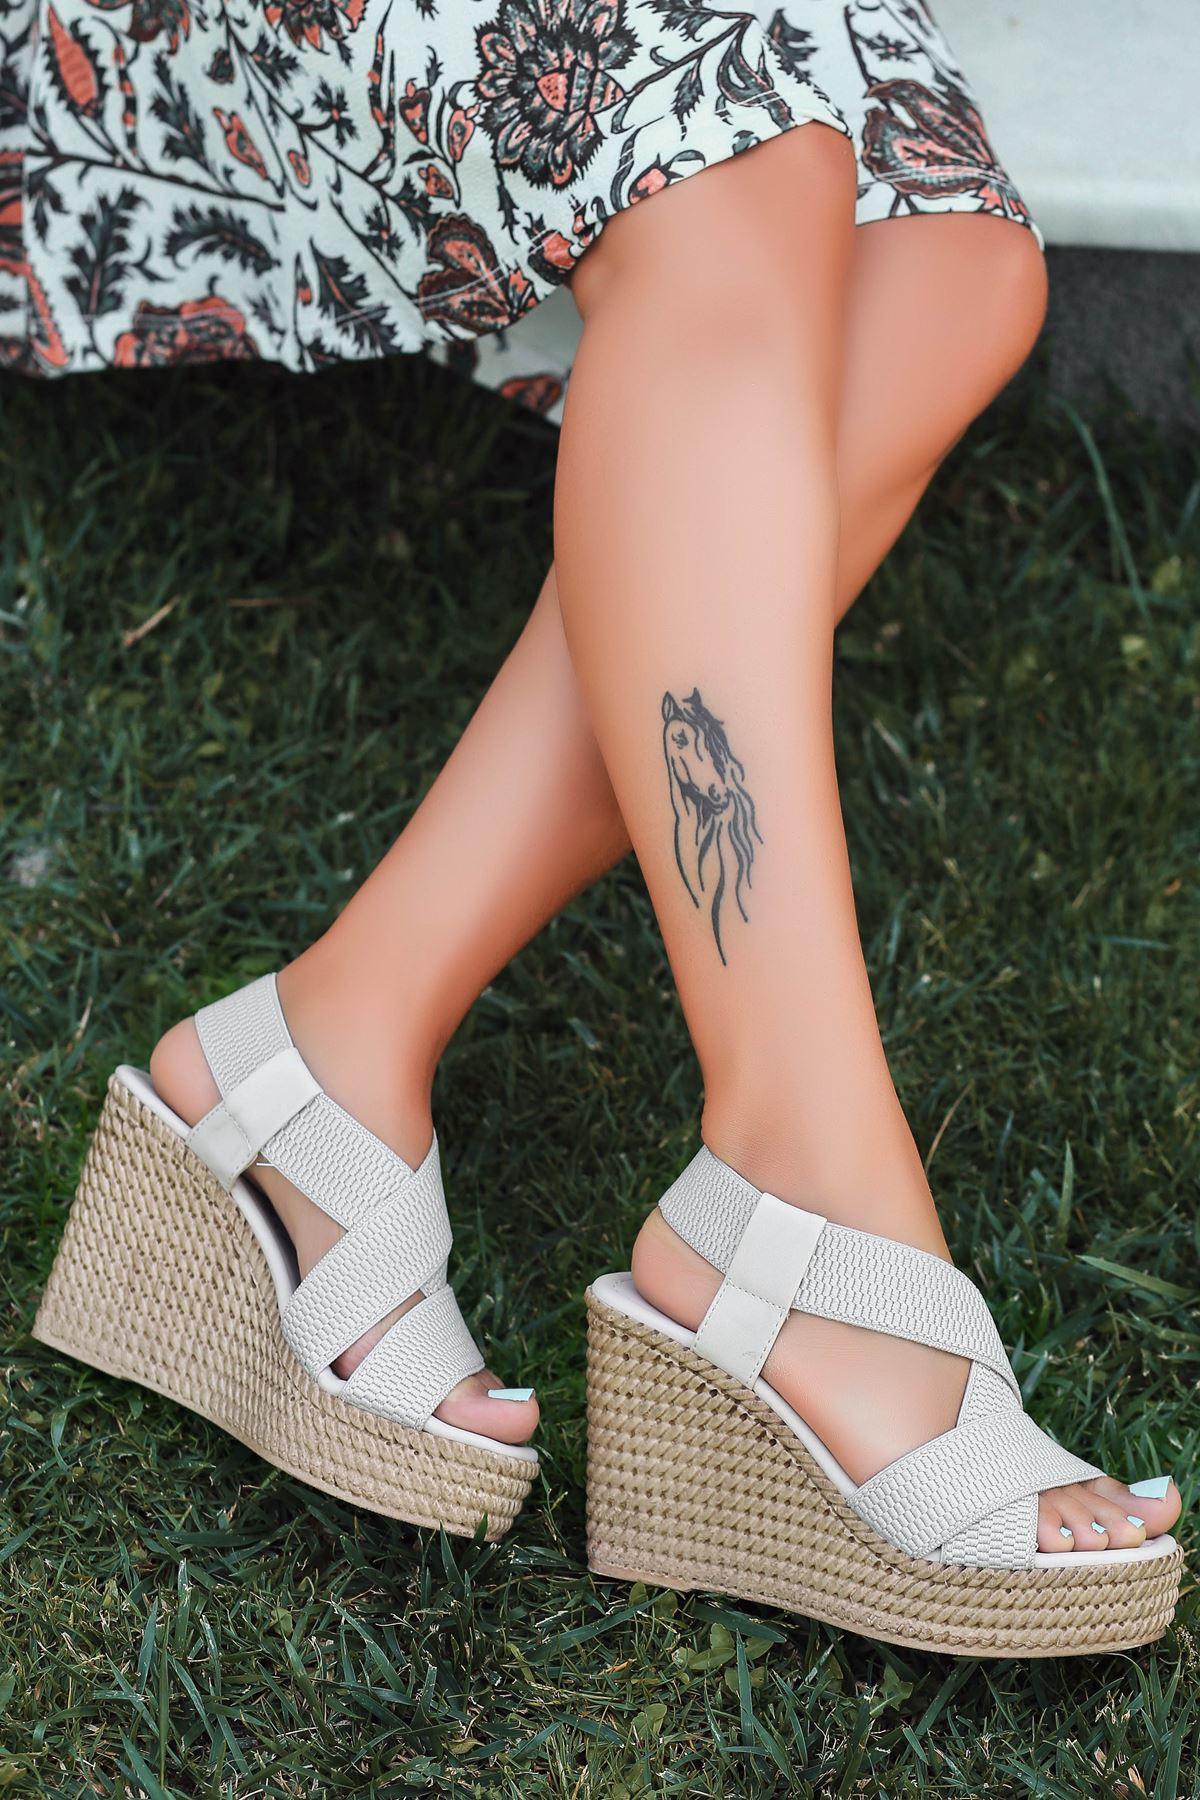 Cloren Lastik Detay Dolgu Topuk Sandalet Ten